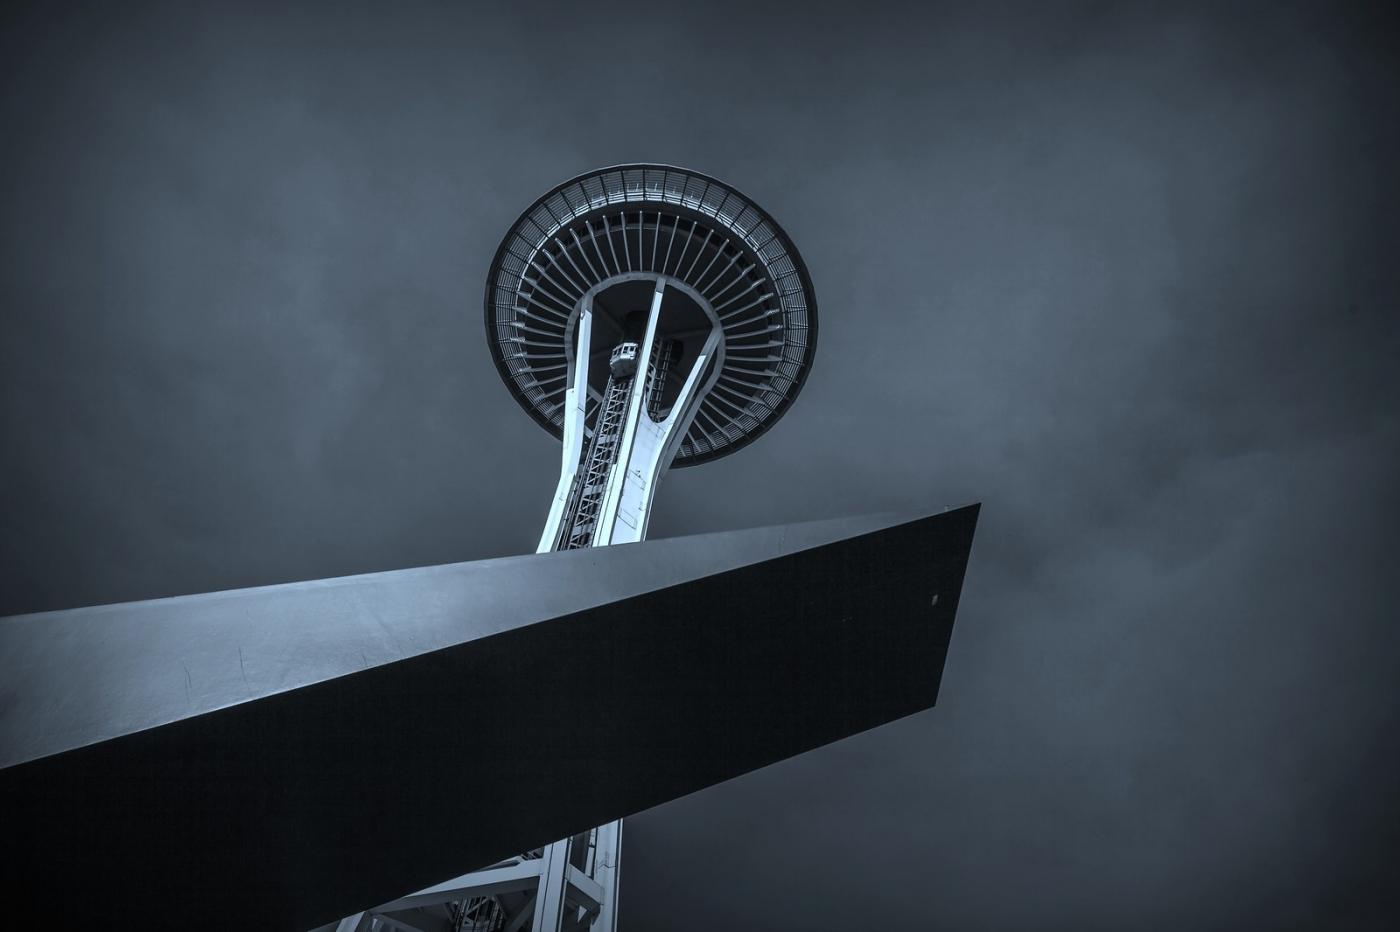 美国西雅图,太空针塔的英姿_图1-7